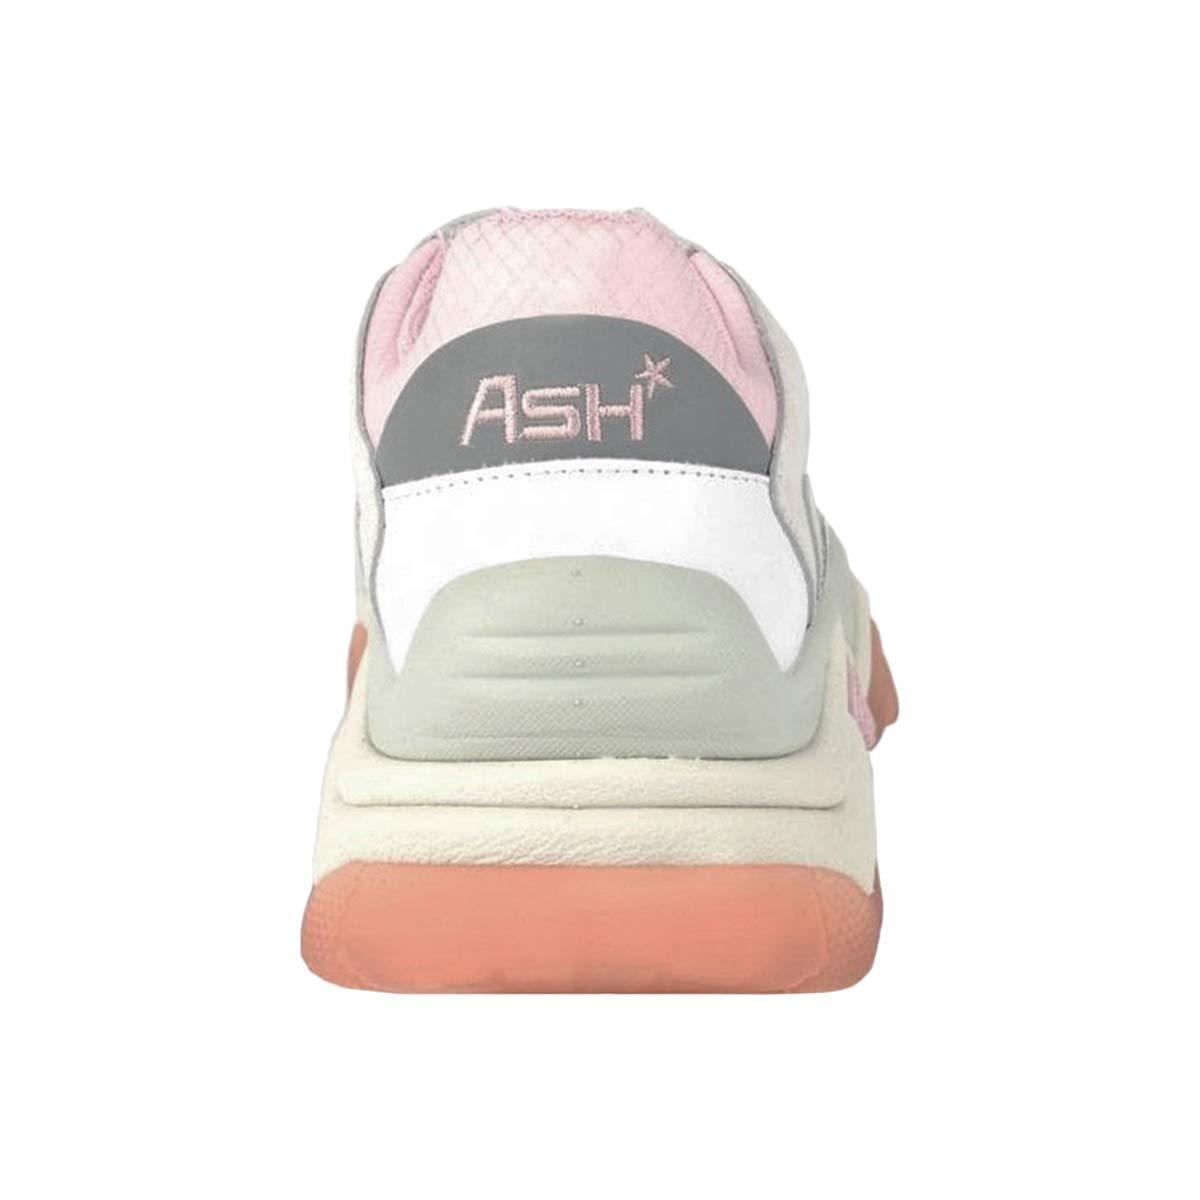 De Cuir Femmes Addict Ash Formateurs 37 rBodCxe